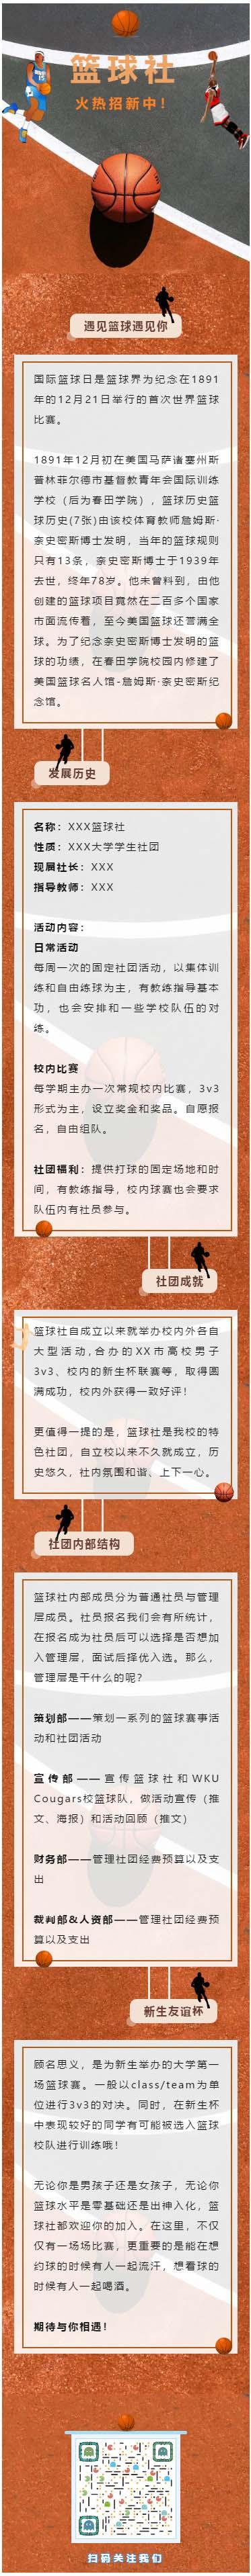 国际篮球日微信公众号推文模板体育运动会学校教育推送文章素材